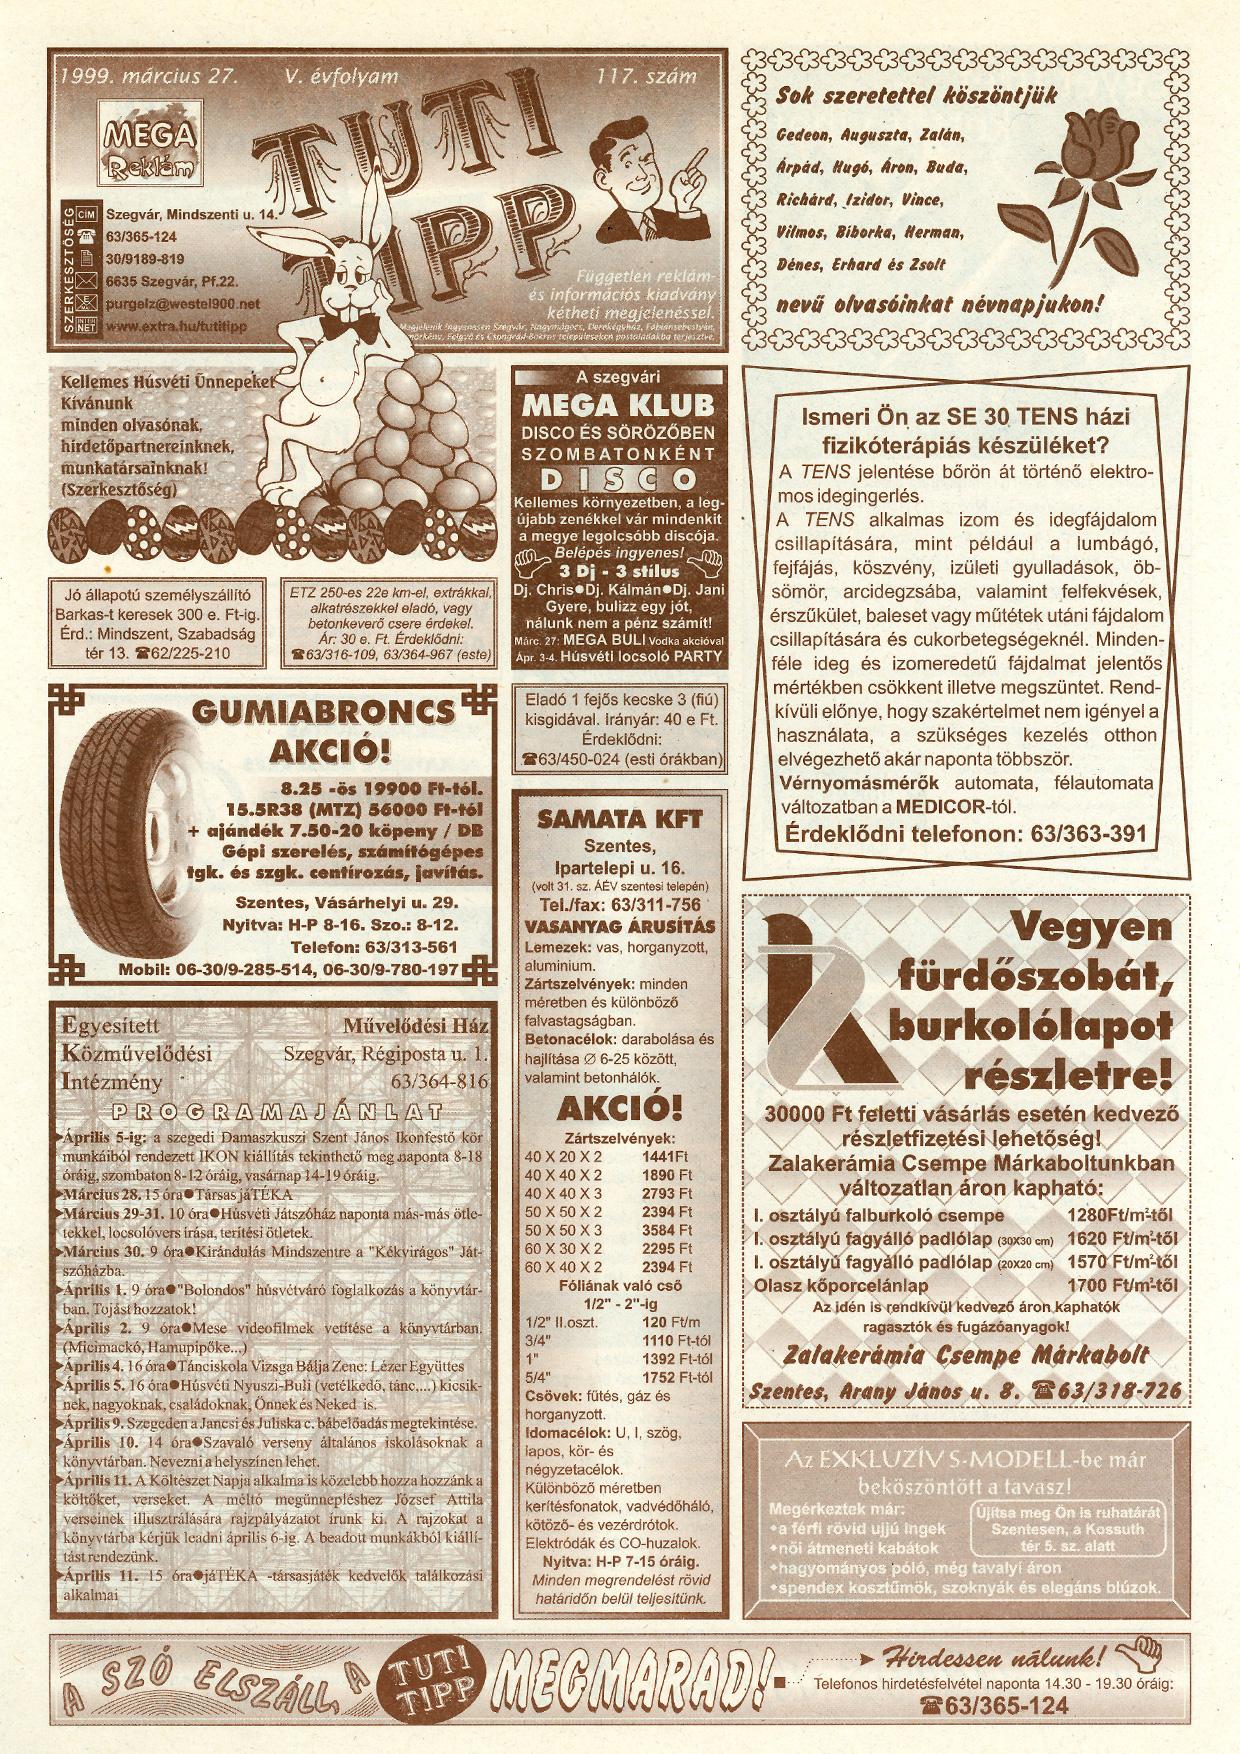 009 Tuti Tipp reklámújság - 19990327-117. lapszám - 1.oldal - V. évfolyam.jpg